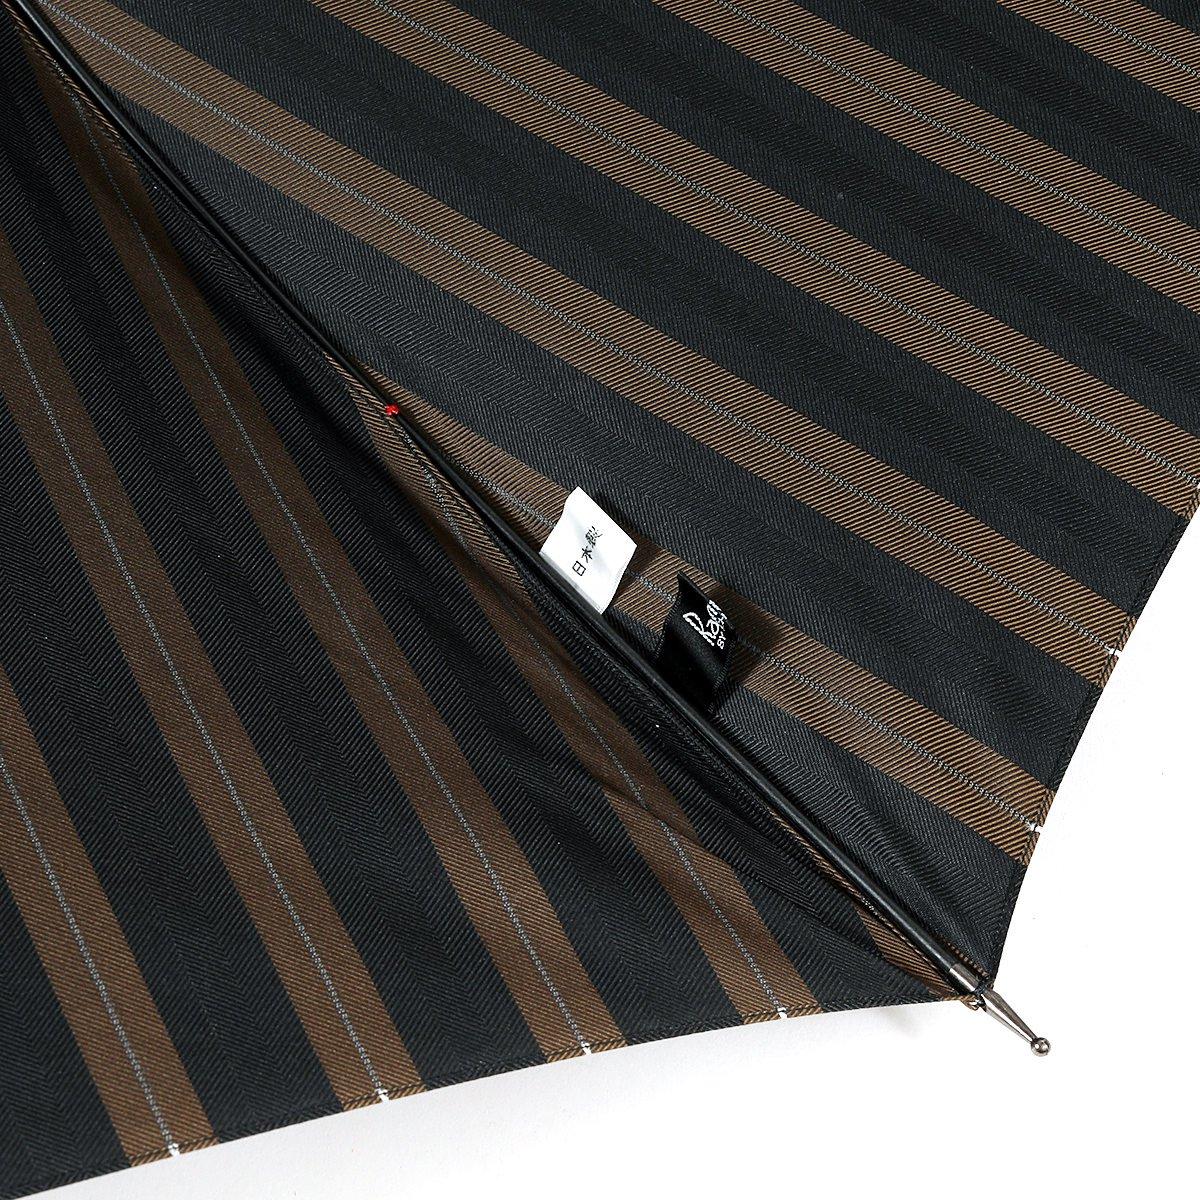 【セール】オルタネート ストライプ 長傘 詳細画像7